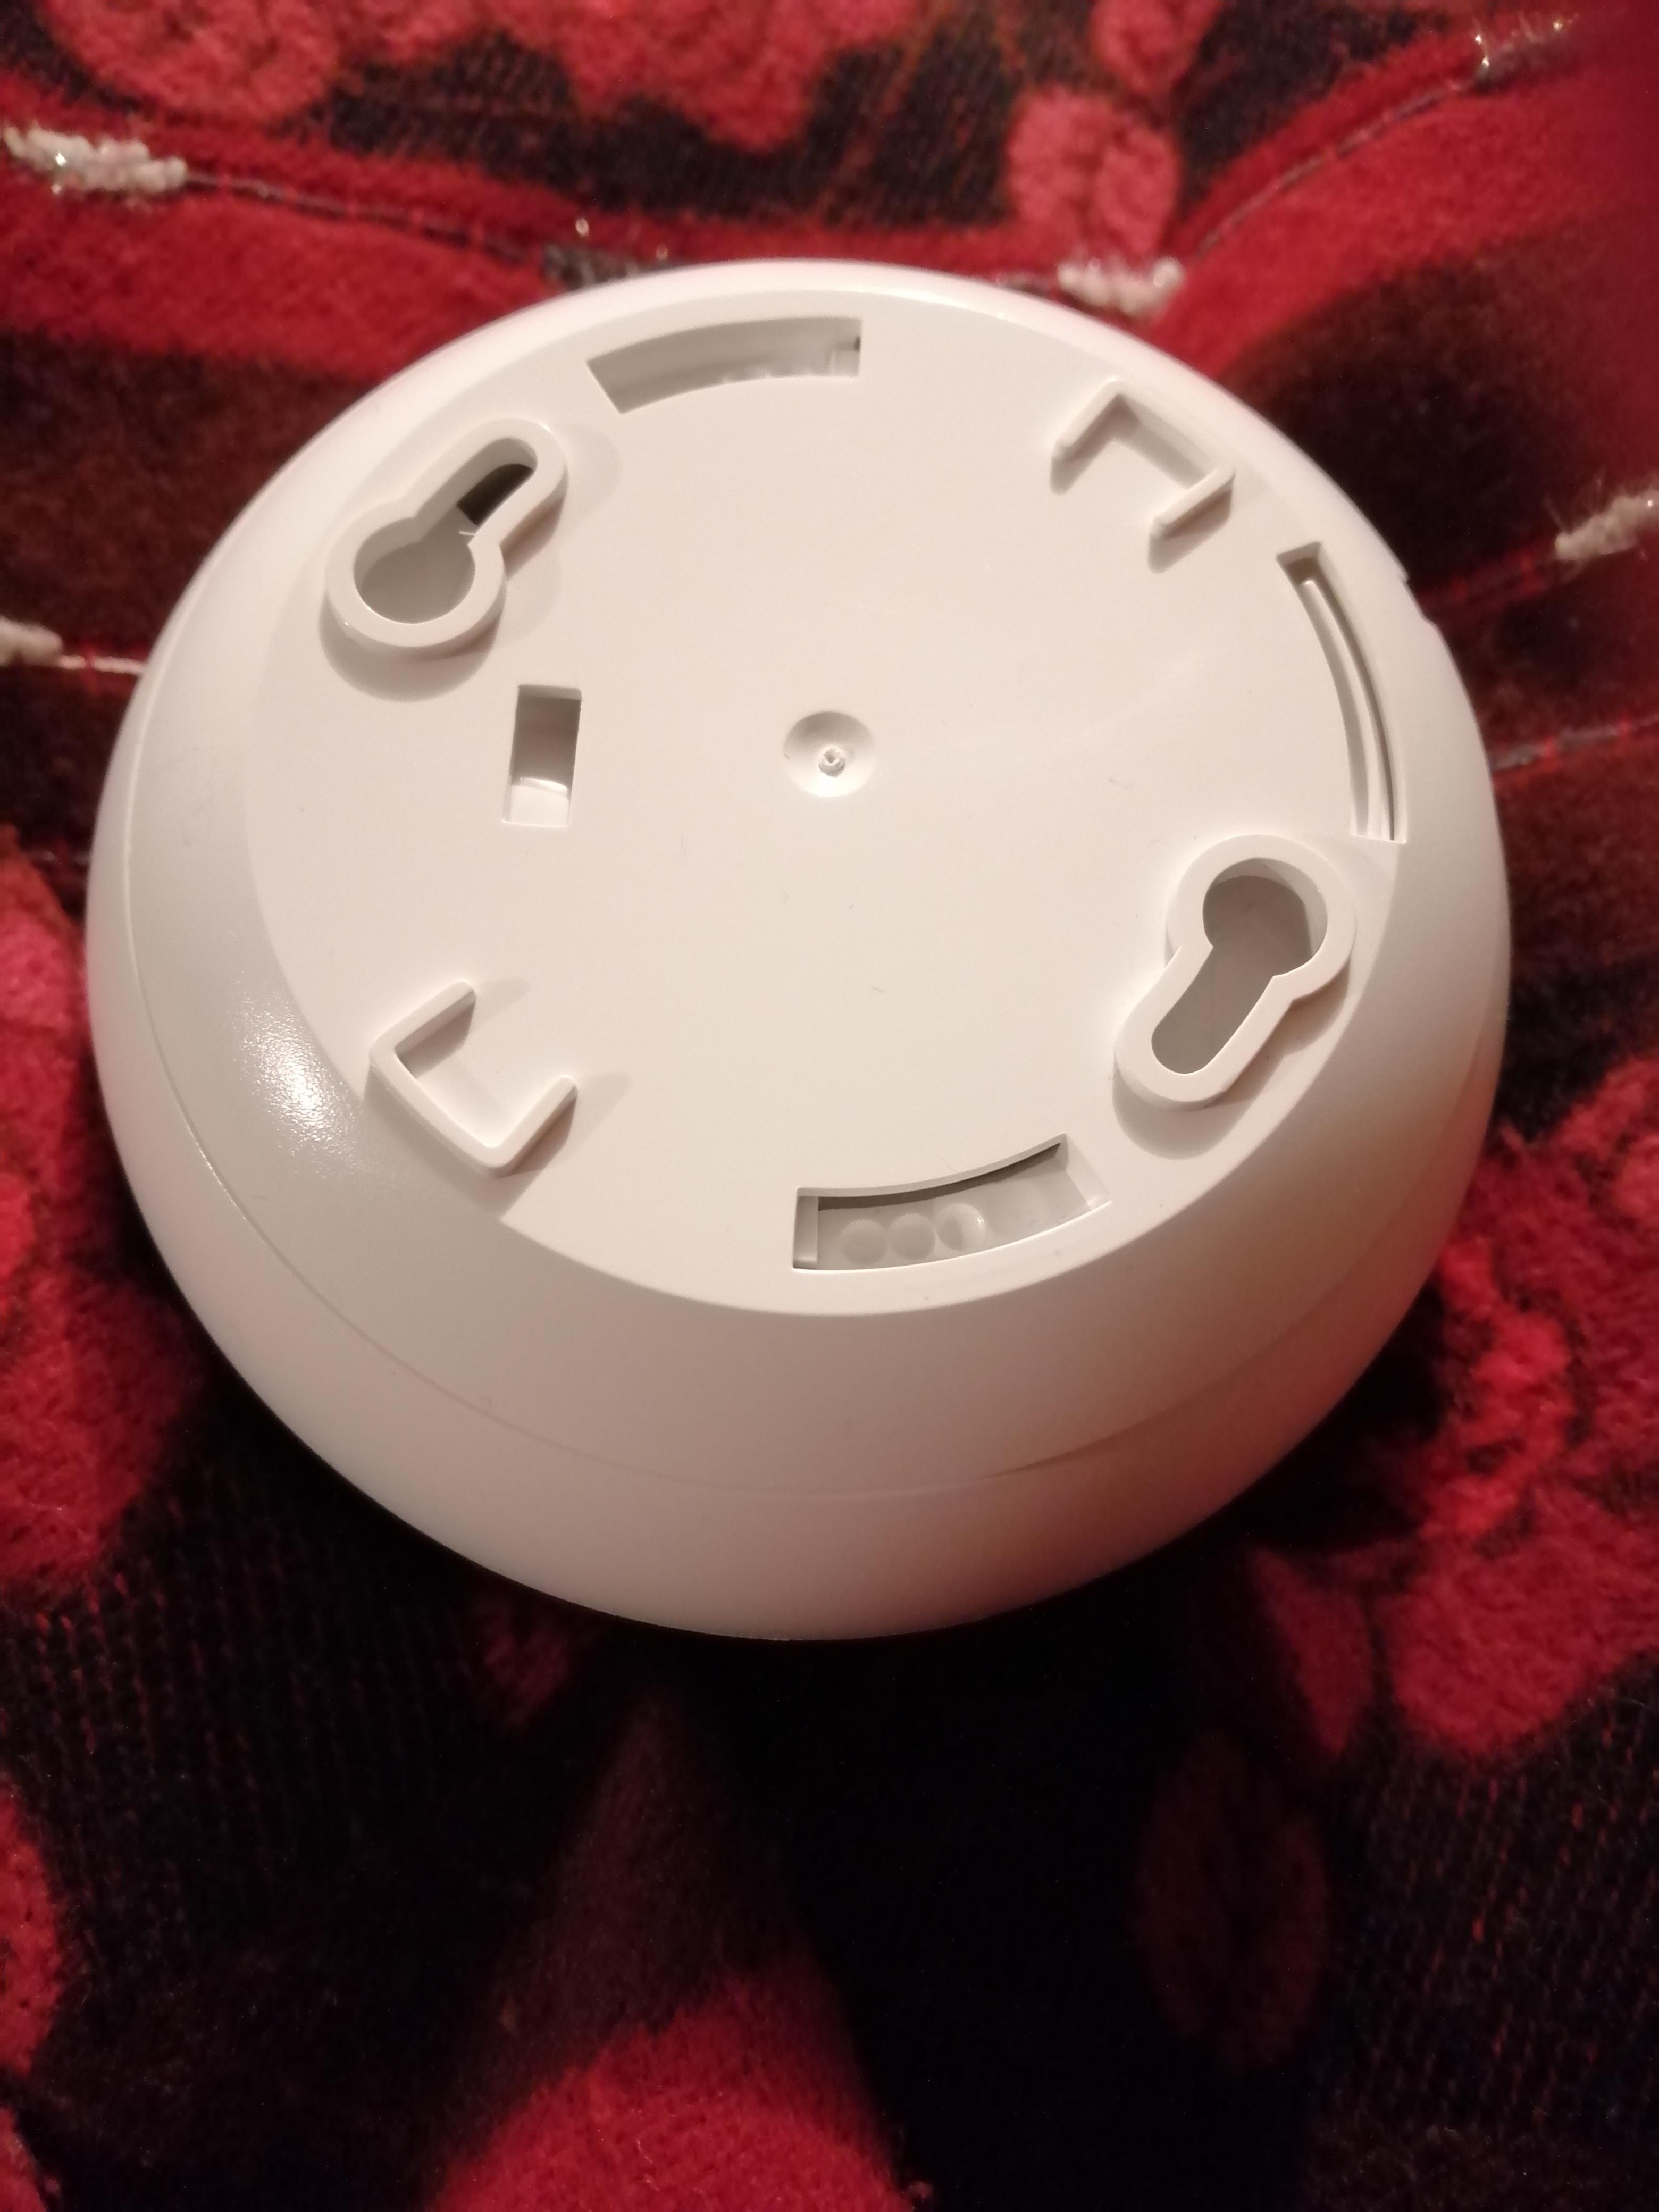 troc de troc dÉtecteur de fumÉe neuf image 1